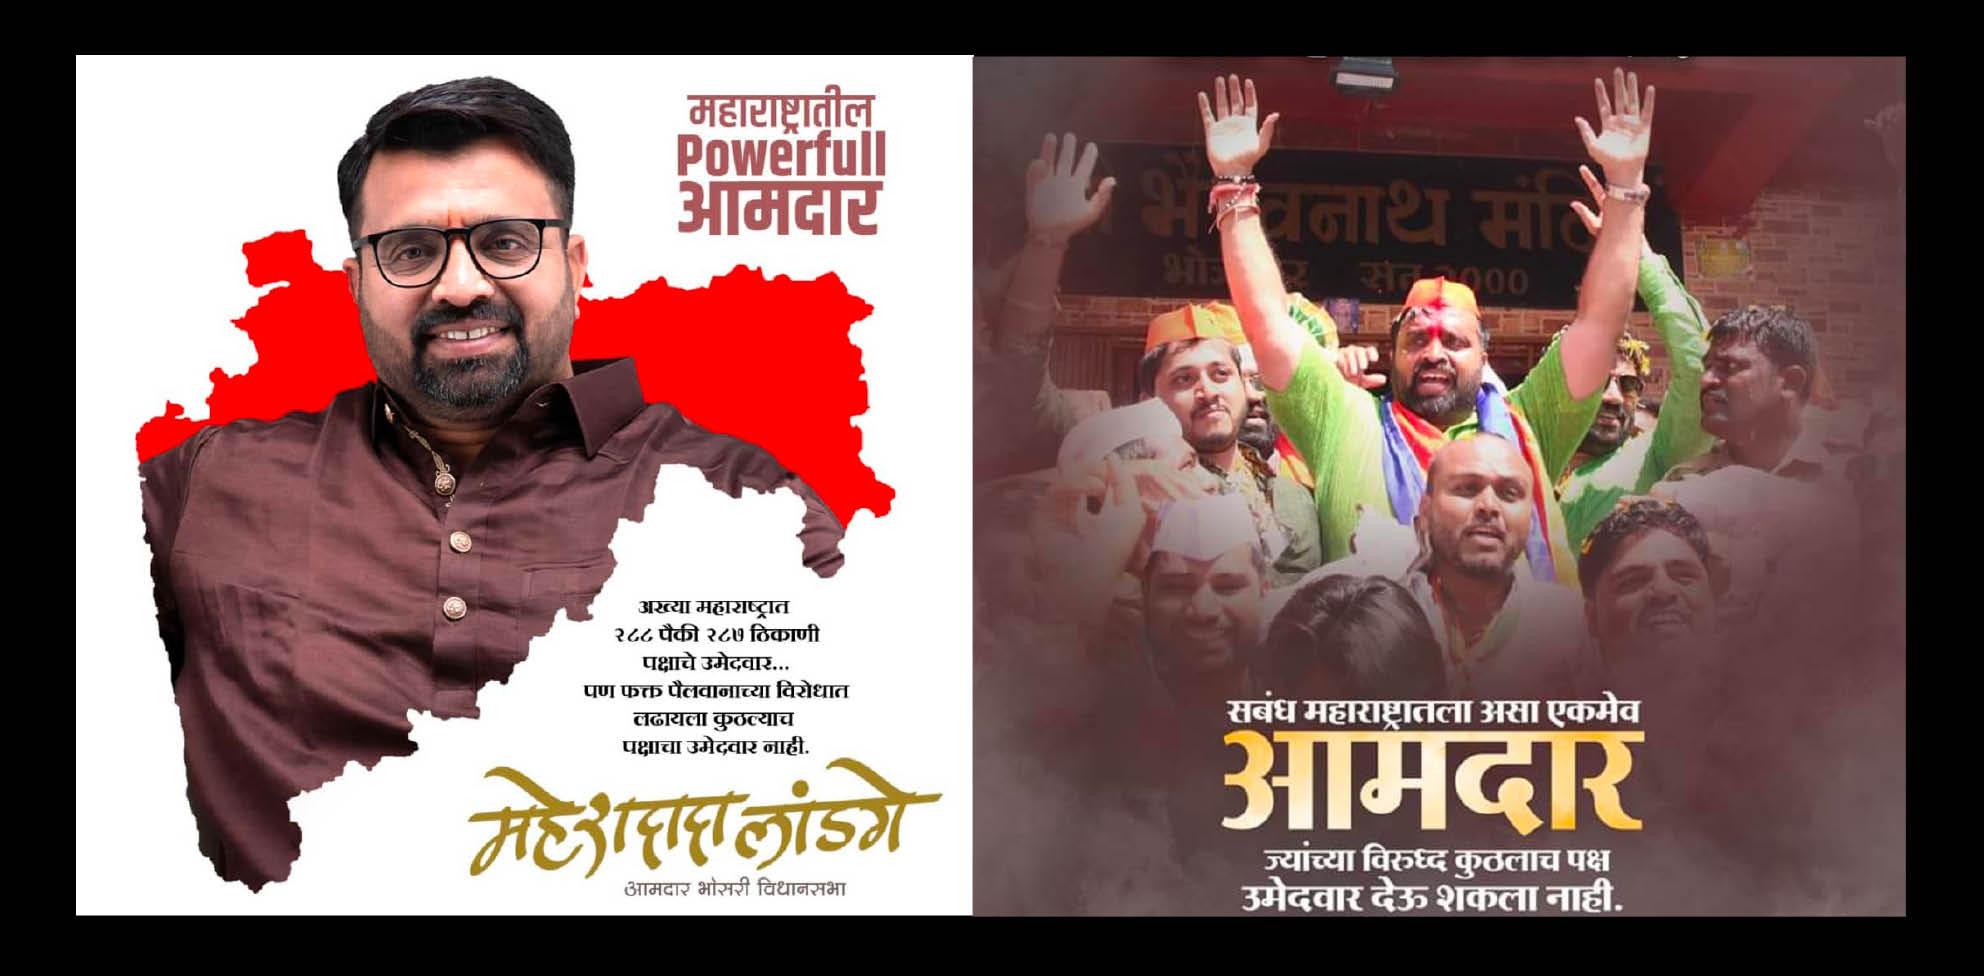 भोसरीचे राजकारण फिरलंय : पाच वर्षांपूर्वी 'उनका टाईम था'…आता 'महेश लांडगे का दौर आया है..!'